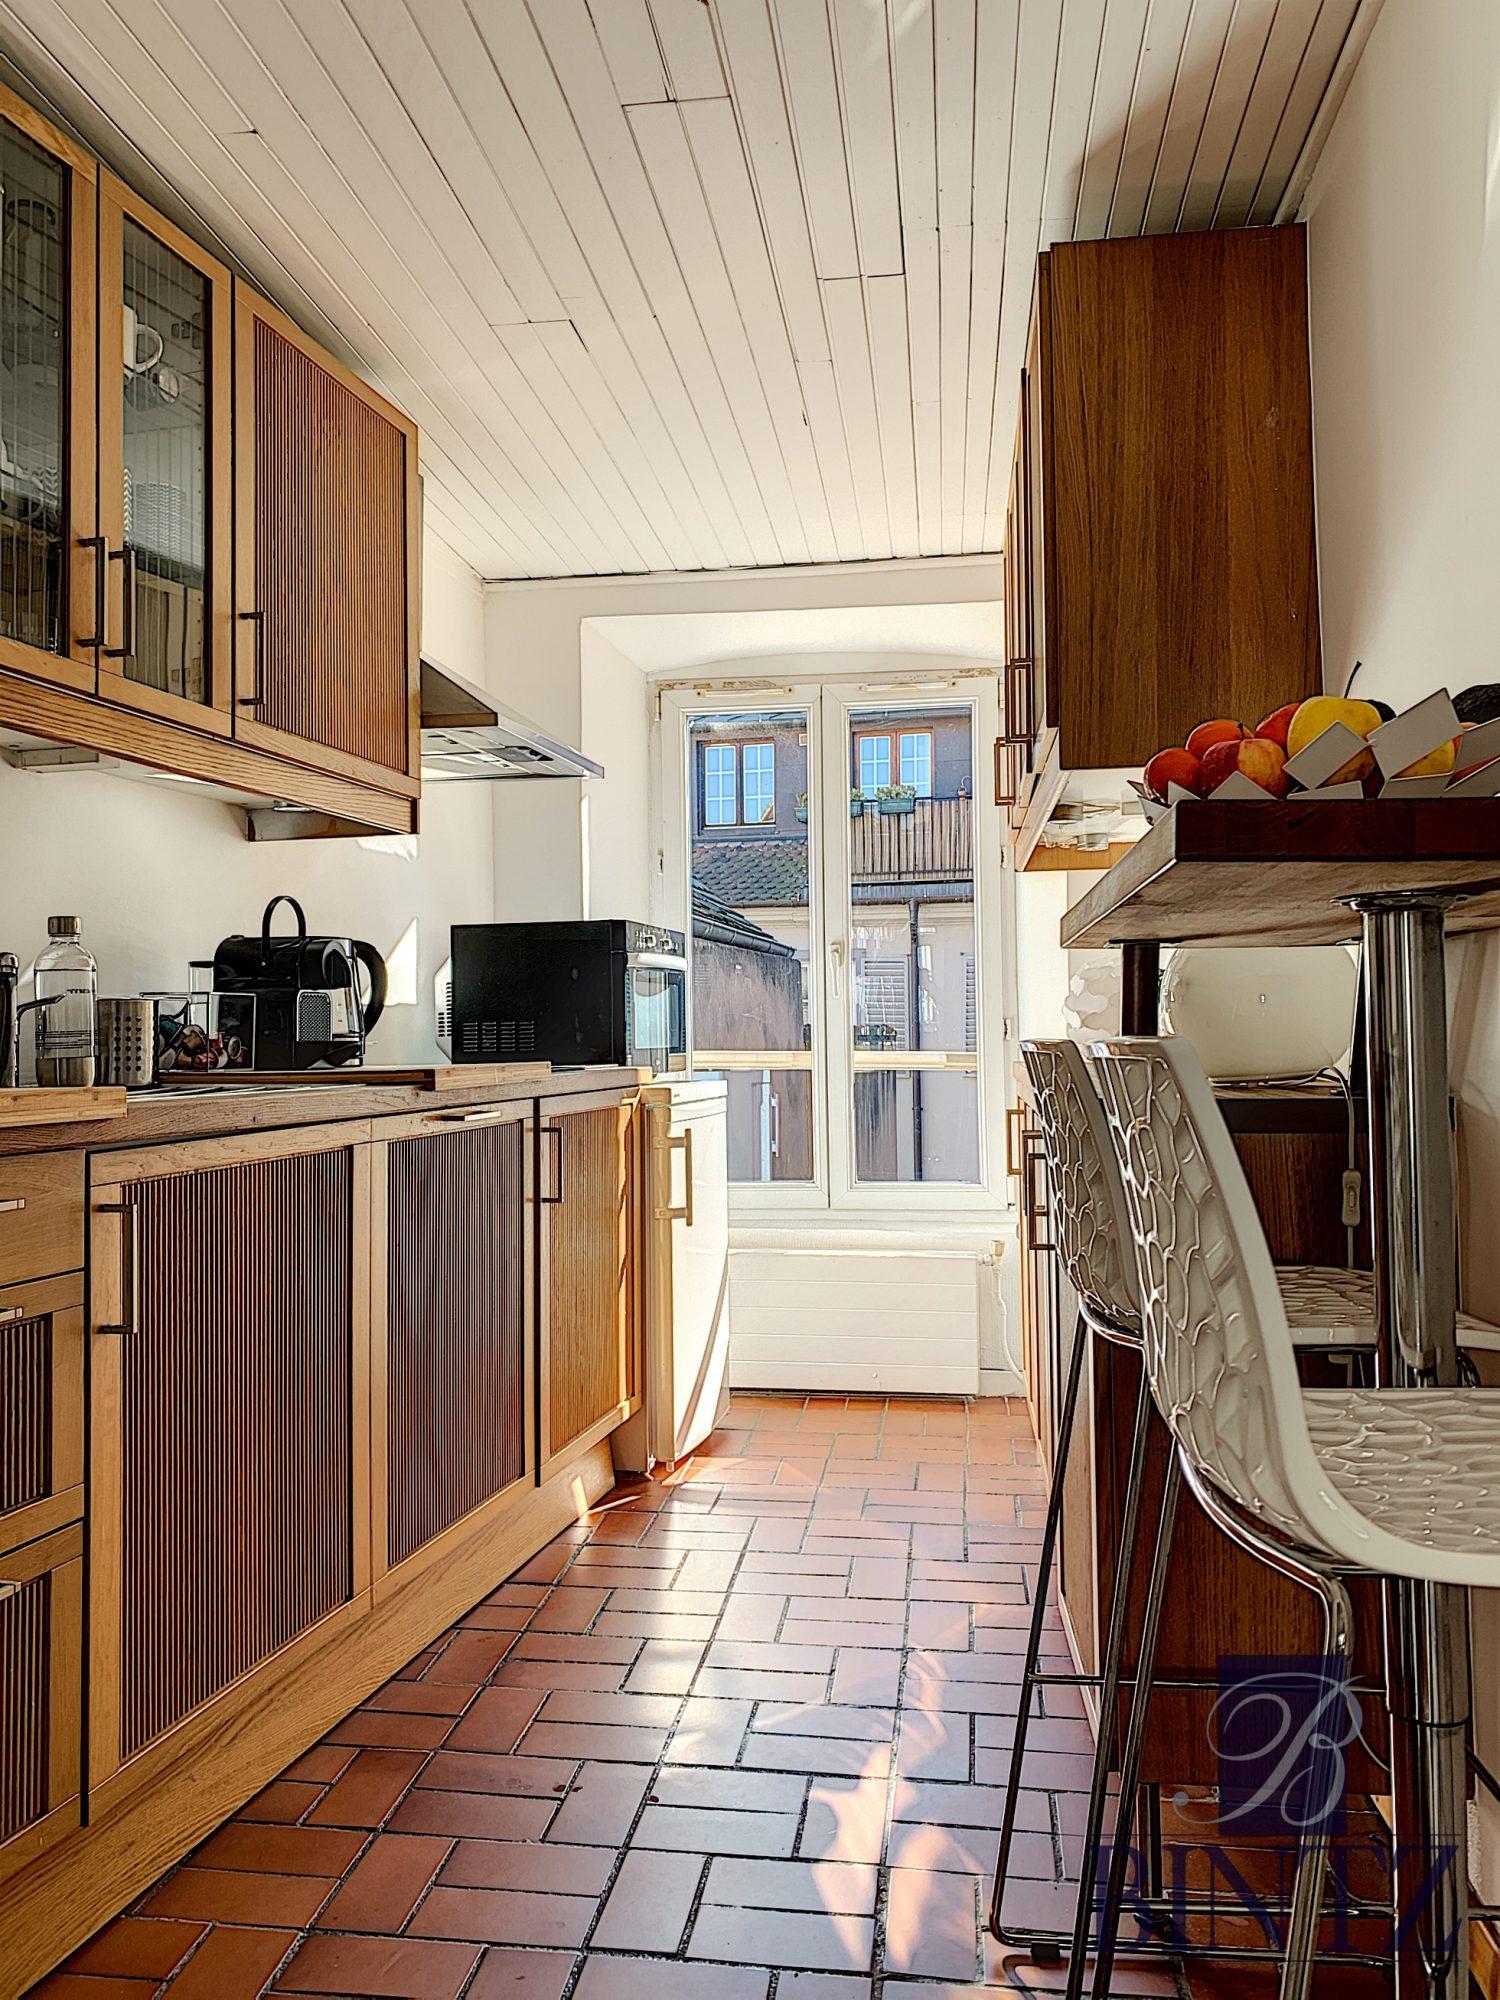 Appartement meublé 2 pièces hyper-centre - Devenez locataire en toute sérénité - Bintz Immobilier - 3